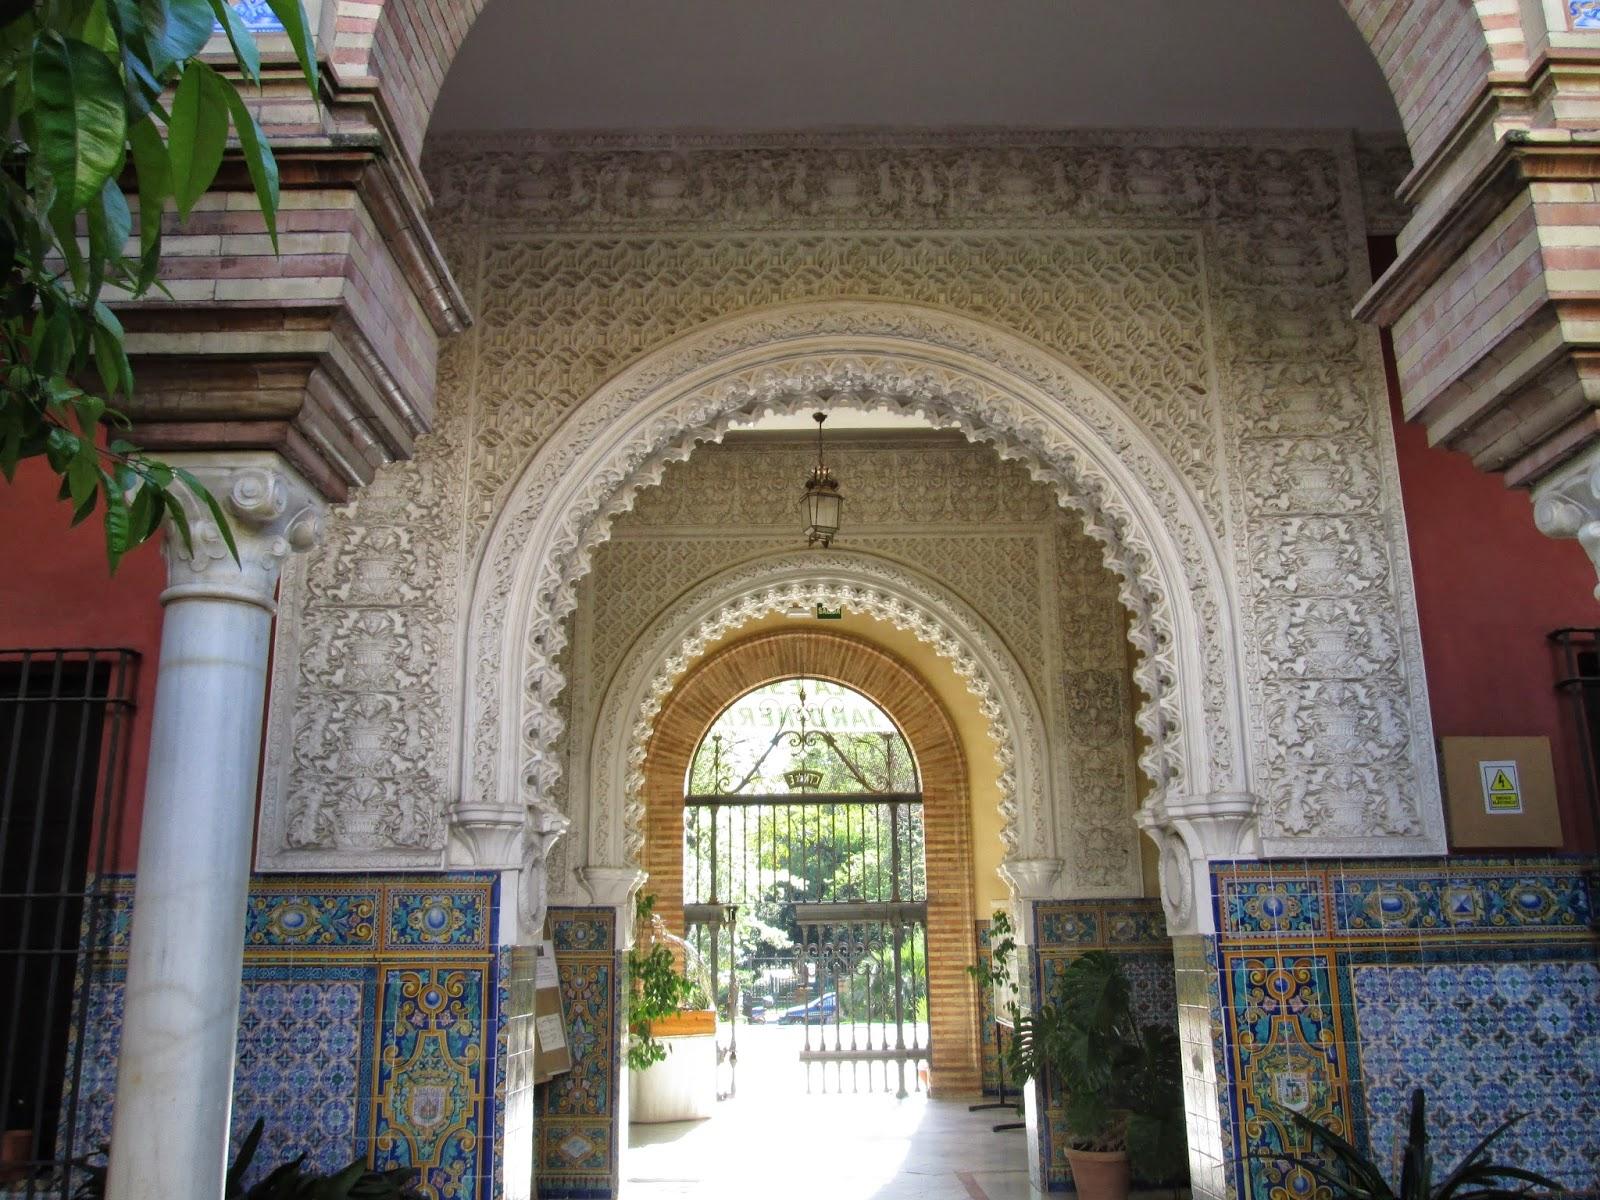 Declaraci n de intenciones el palacio de los marqueses de - La casa de los uniformes sevilla ...